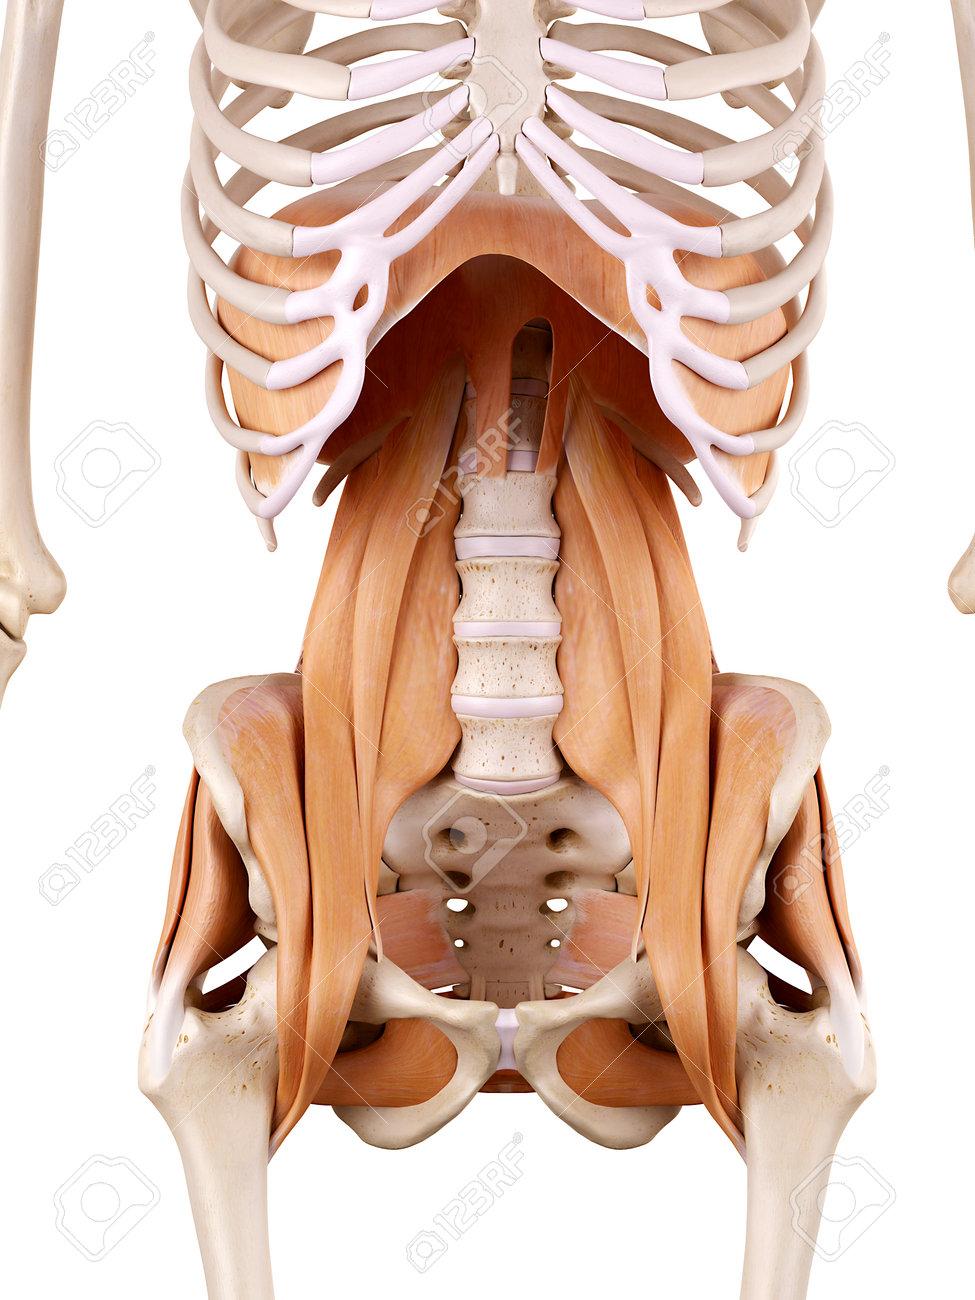 Ilustración De La Anatomía Médicamente Correcta - Músculos De La ...